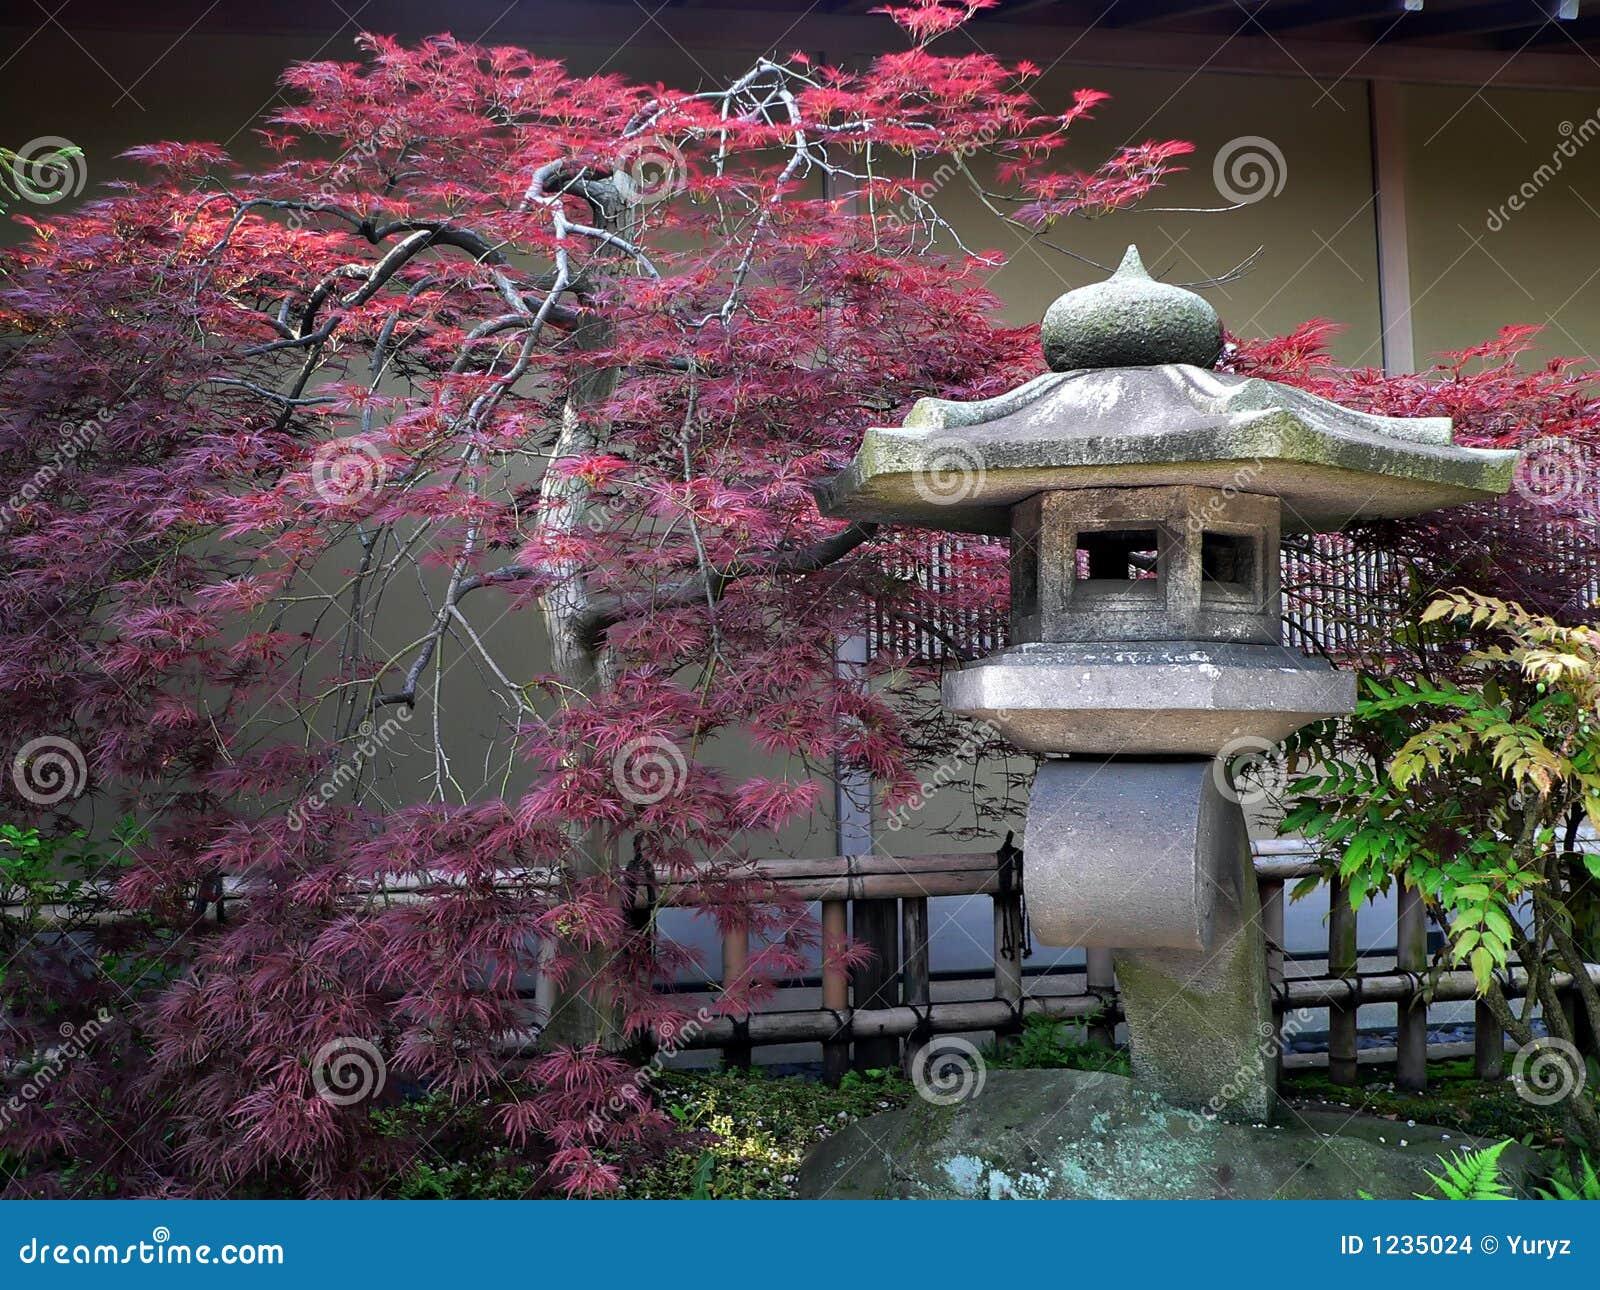 imagens jardim japones: japonesa e do vermelho-bordo no jardim de pedra quieto, Tokyo Japão